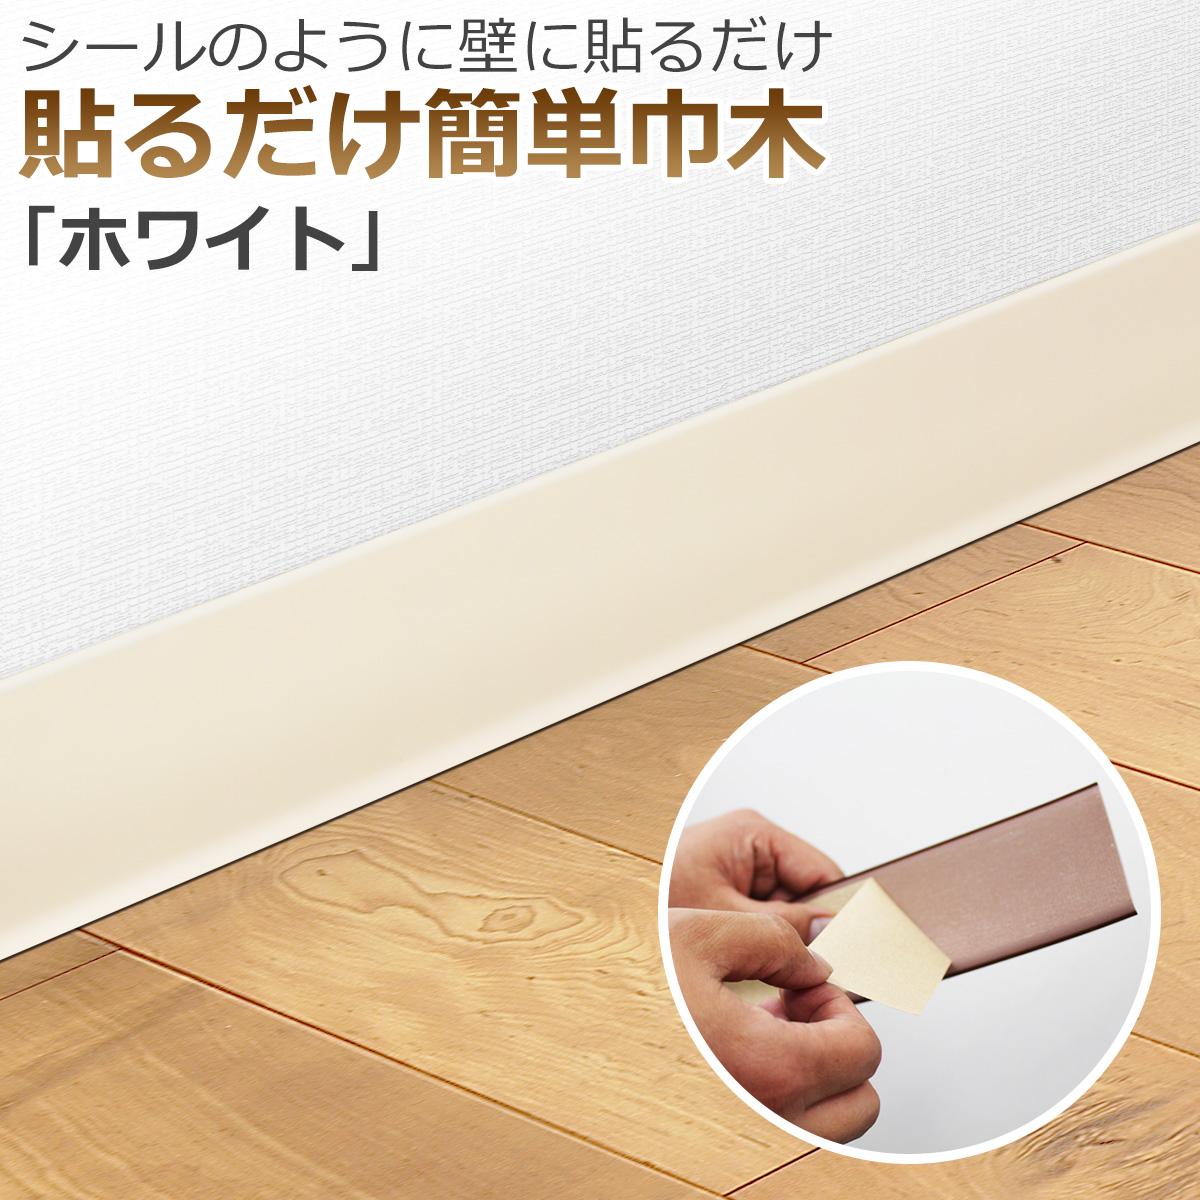 シールのように壁に貼るだけ 貼るだけ簡単巾木「ホワイト」